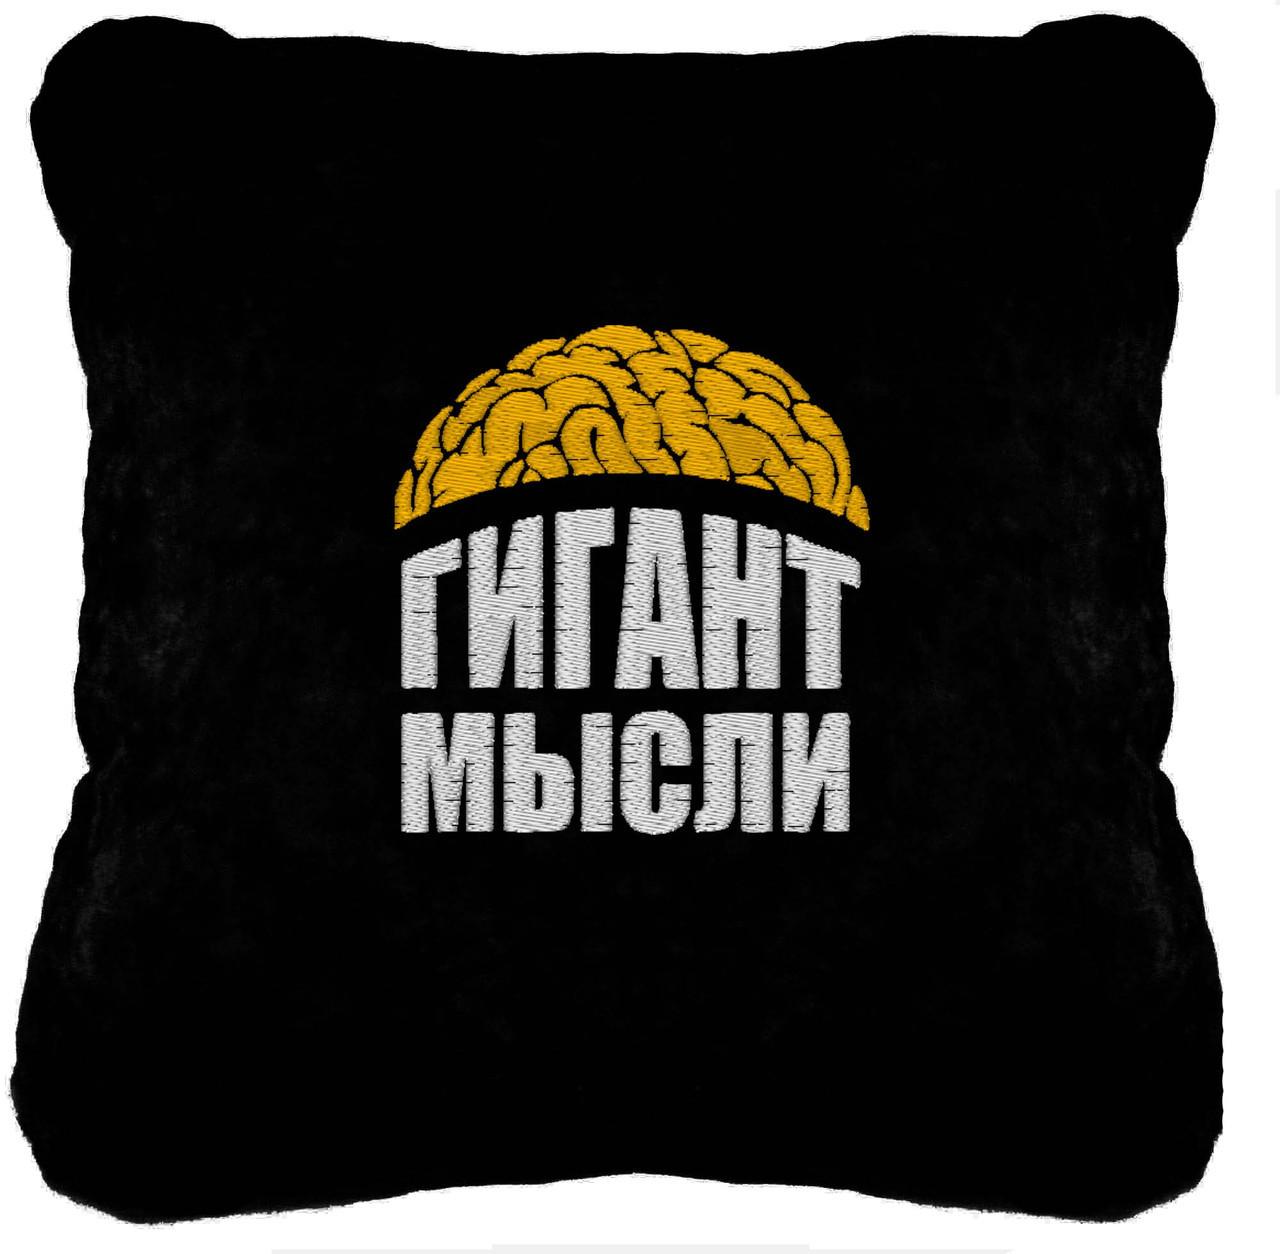 """Сувенирная подушка """"Гигант мысли"""" №158"""